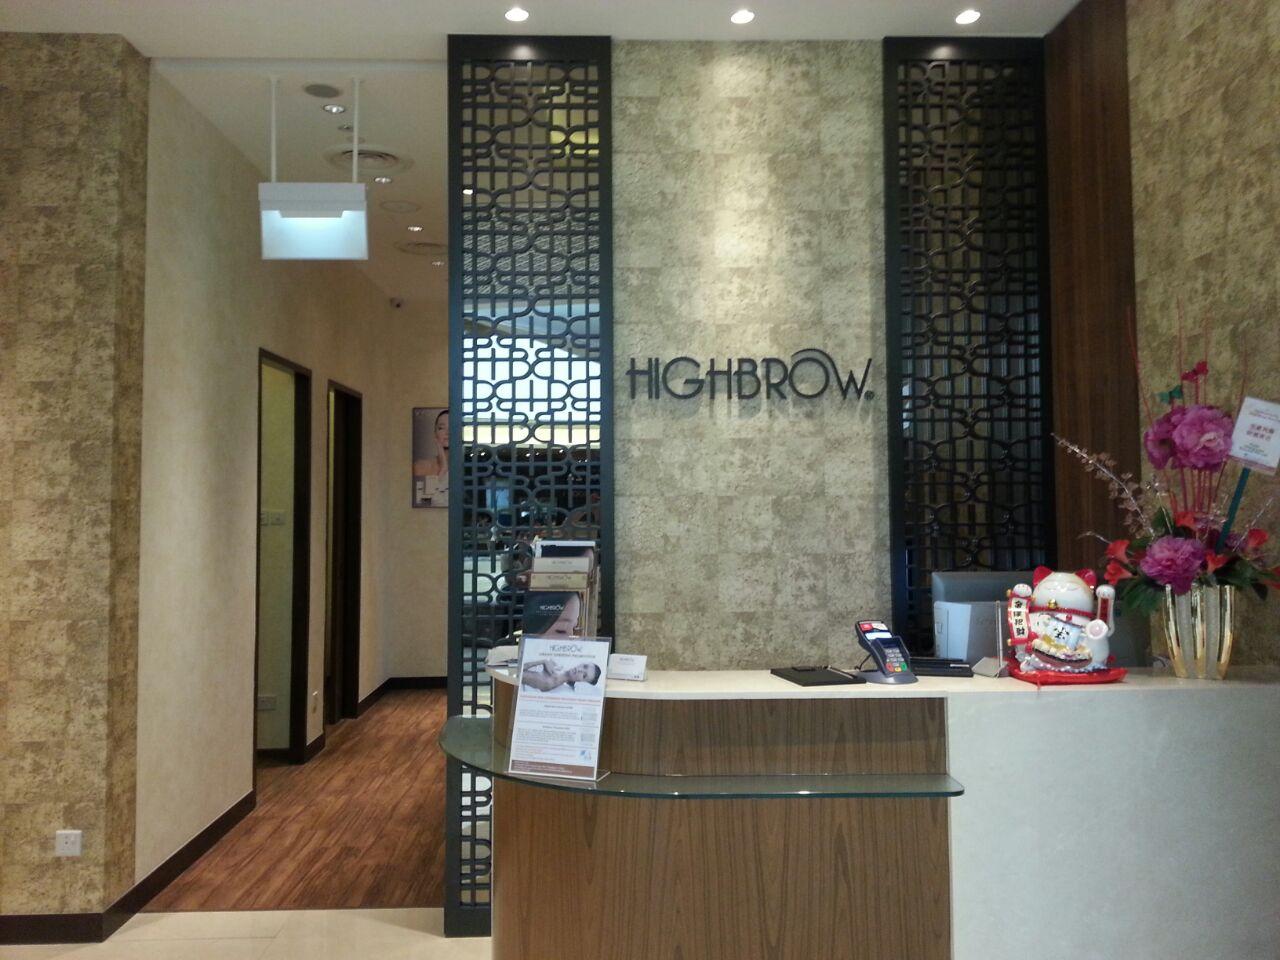 2 -Highbrow 7